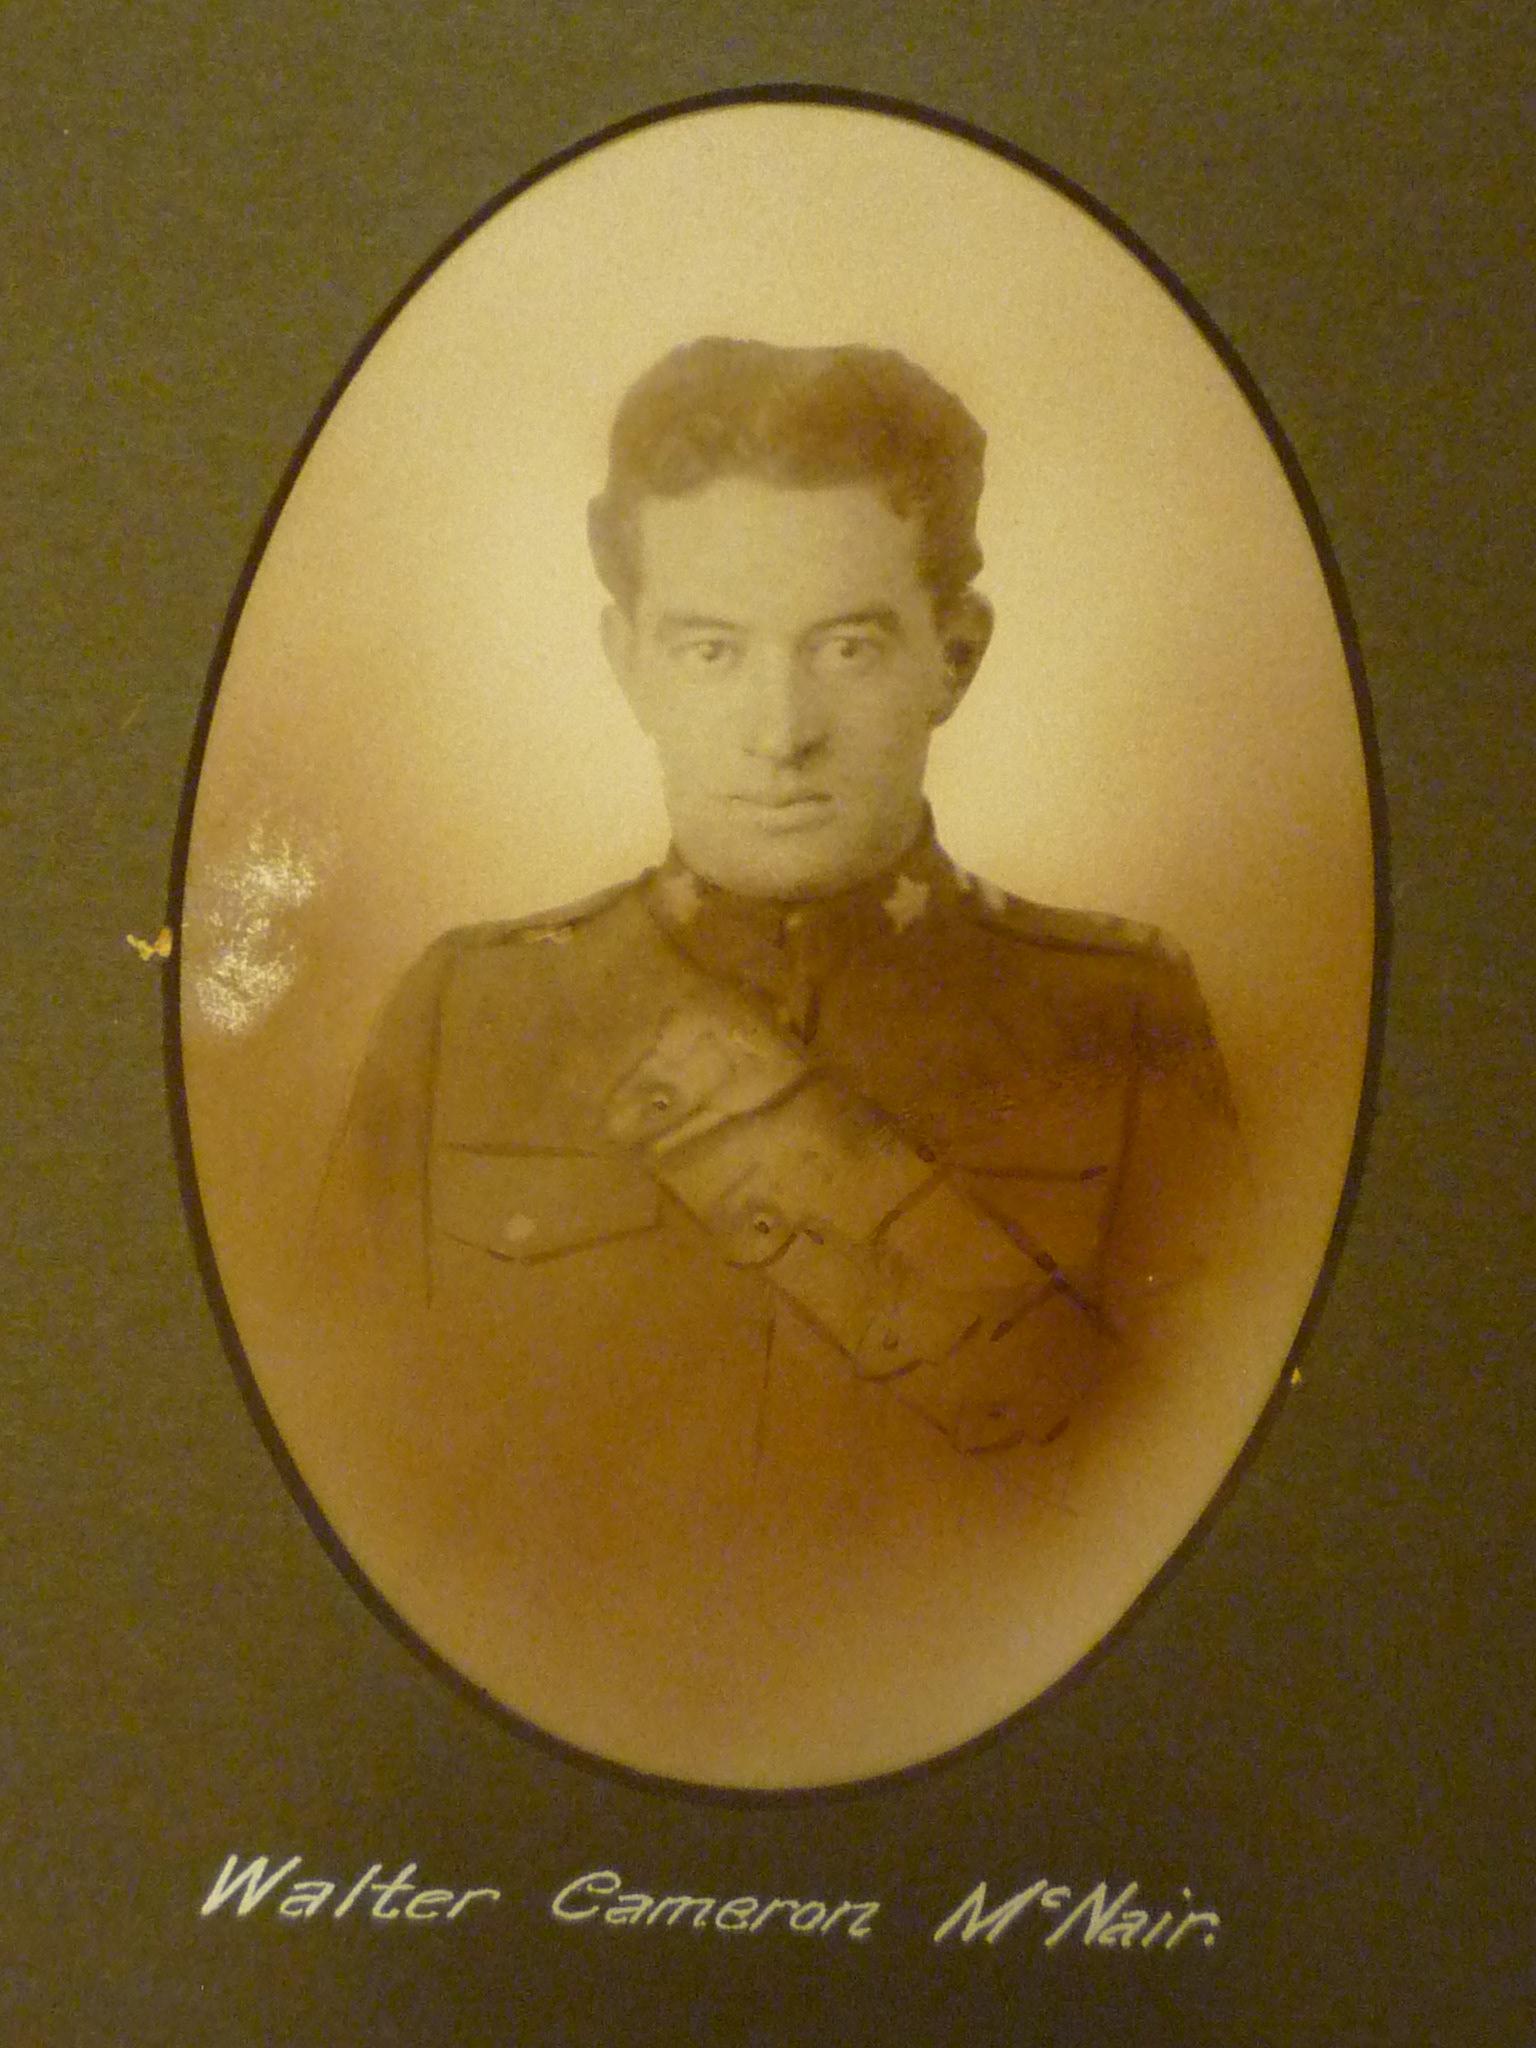 Photo of Walter Cameron McNair